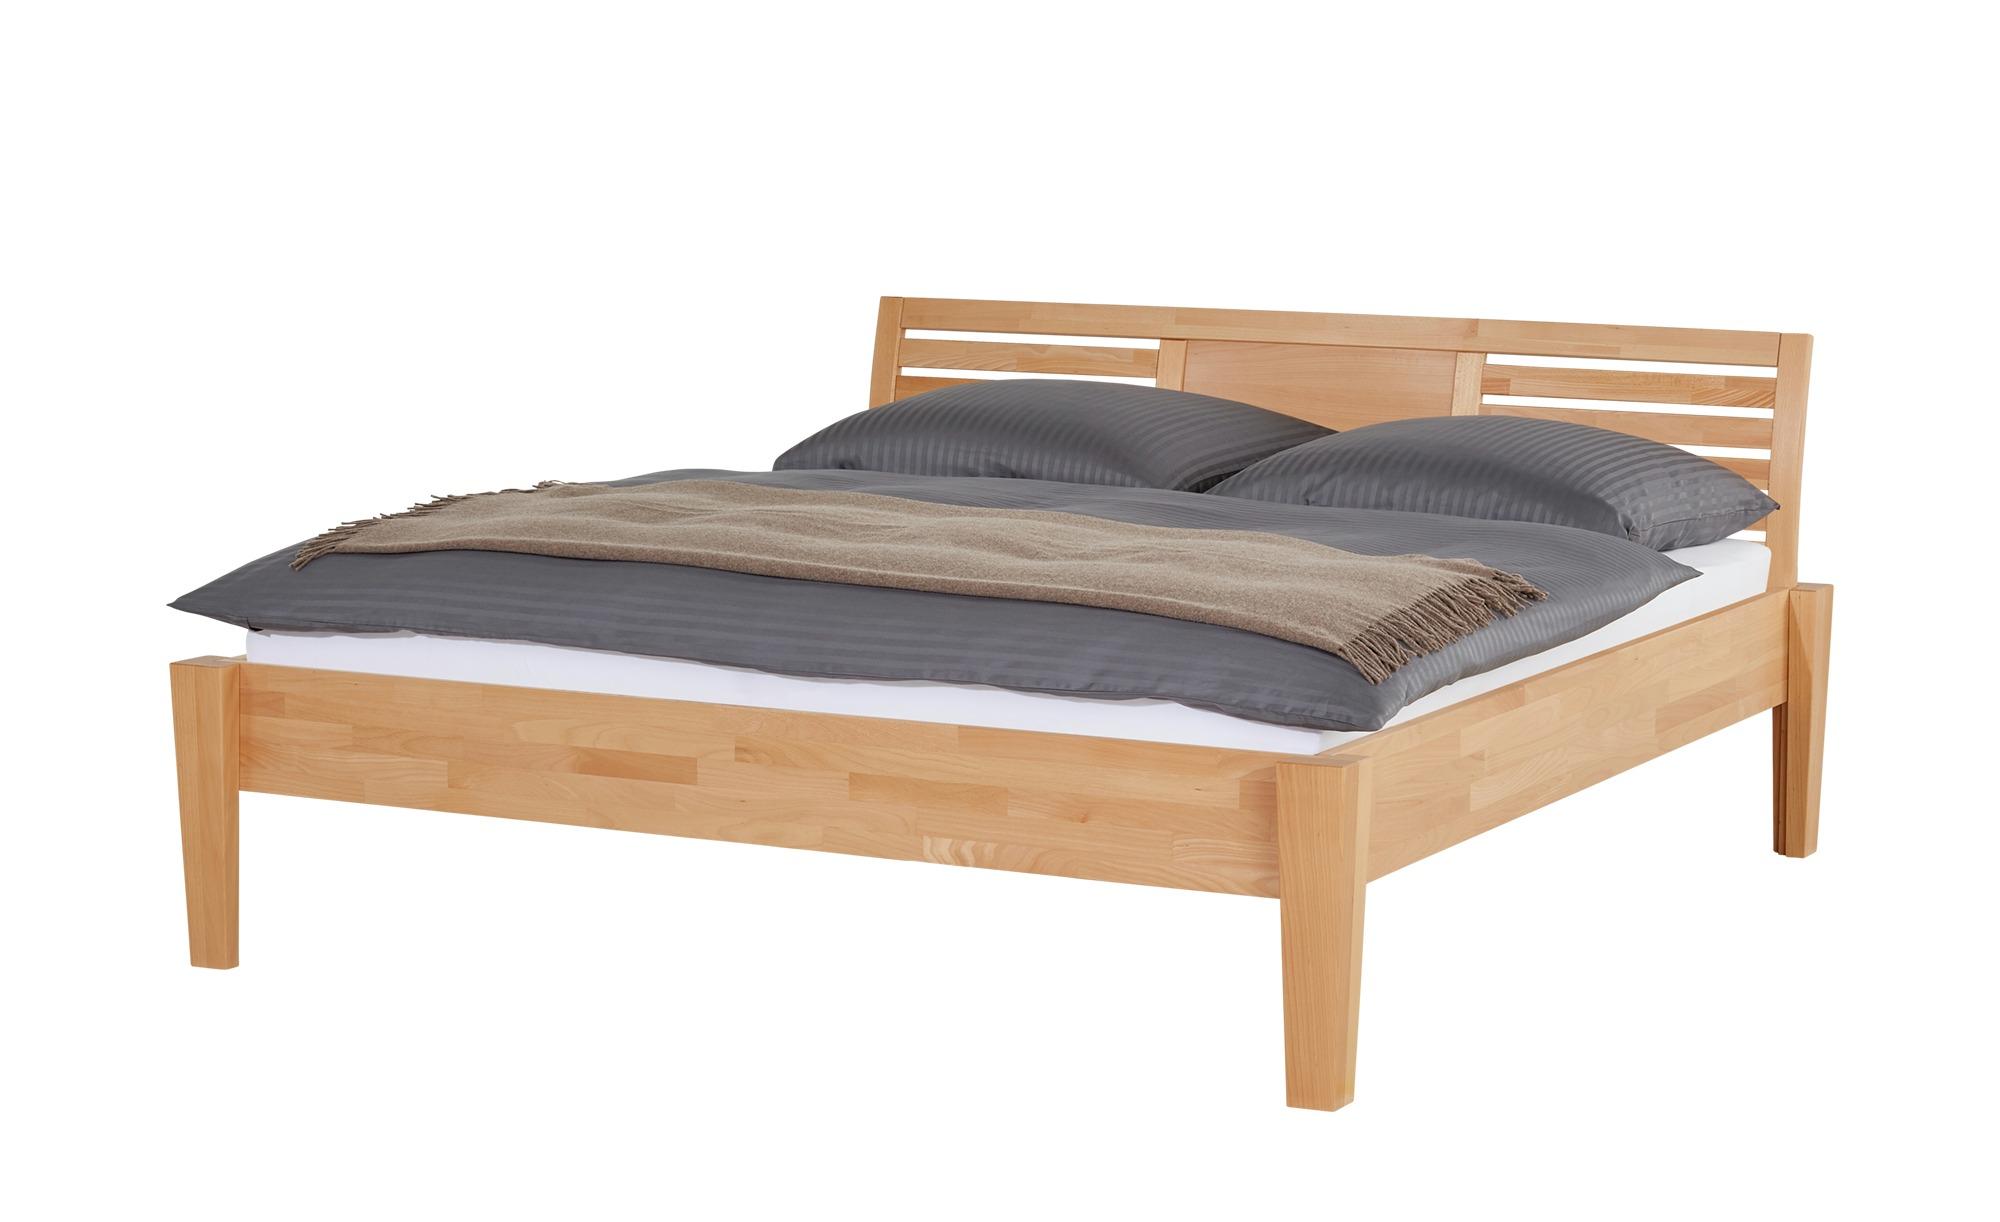 Massivholz Bettgestell Timber Gefunden Bei Mobel Hoffner Bettgestell Bett Und Holzfarben